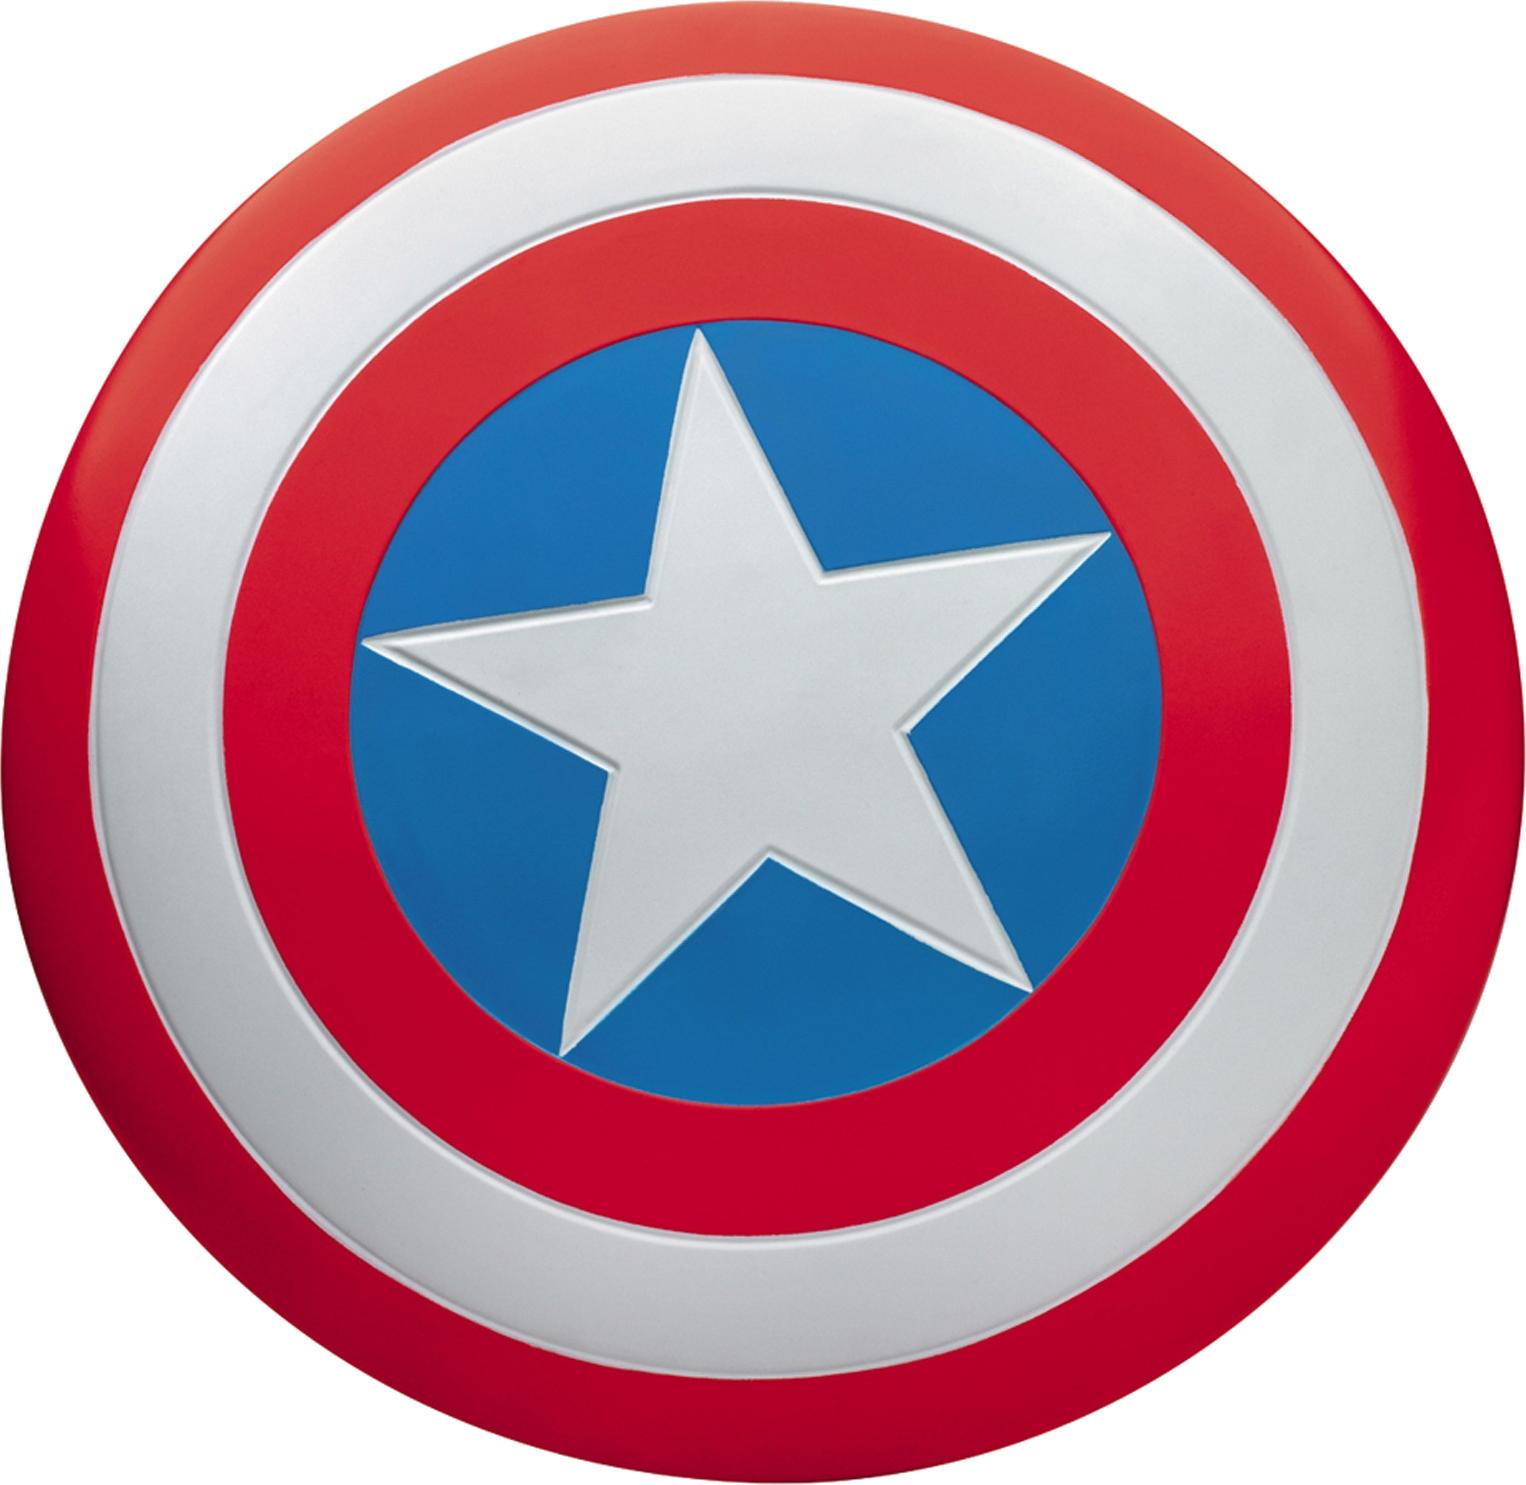 Imagem Escudo Capitão América PNG com fundo transparente